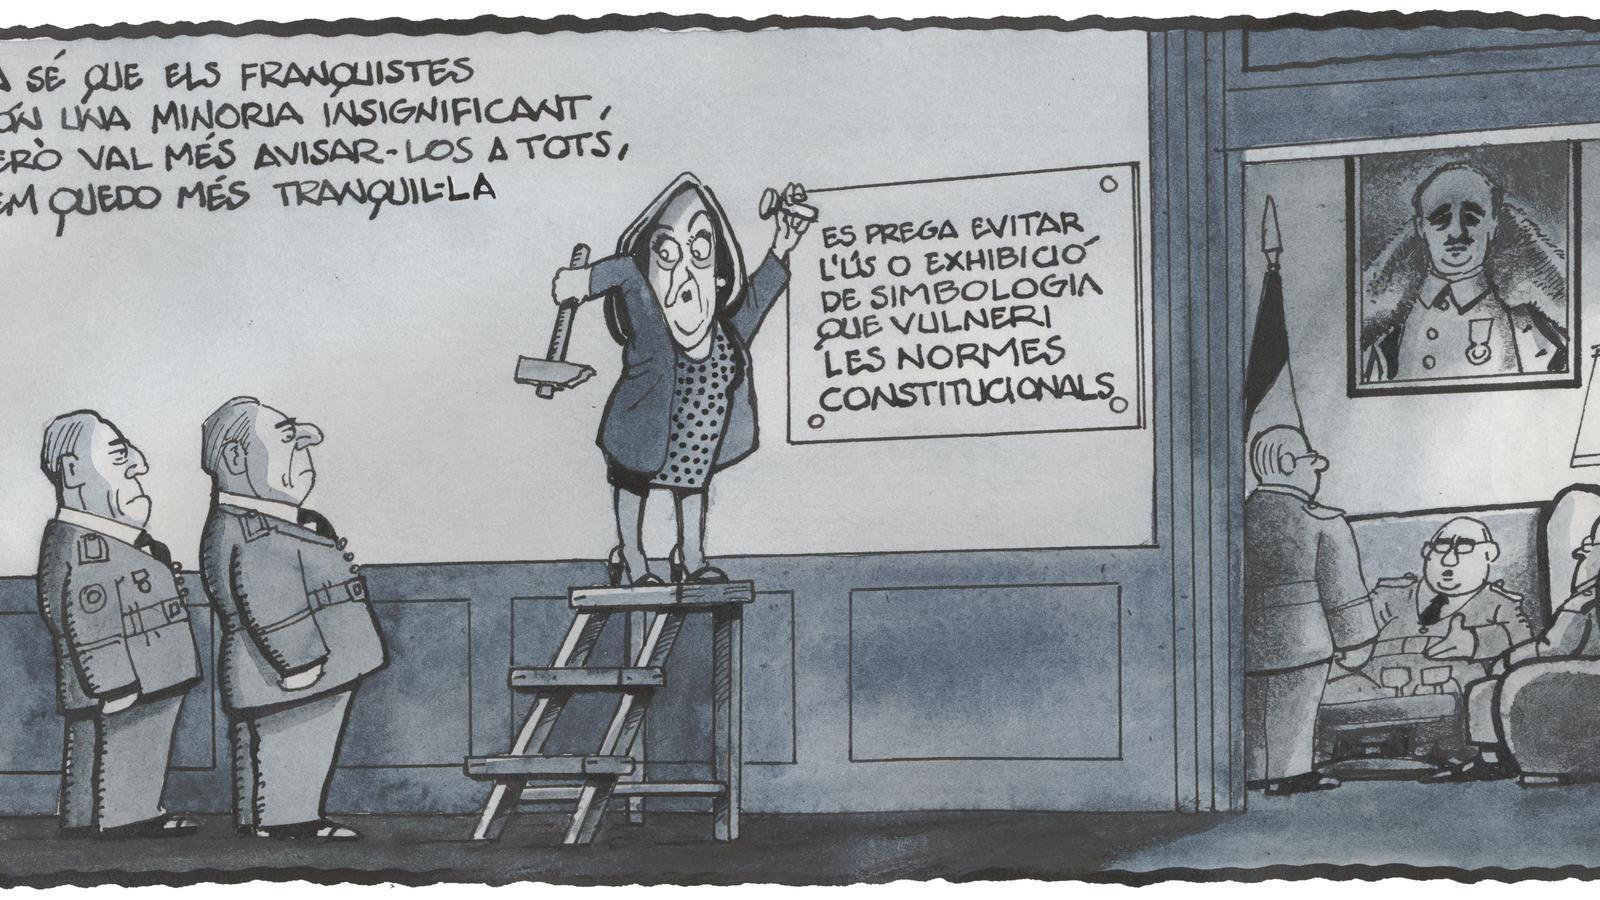 'A la contra', per Ferreres 15/01/2021